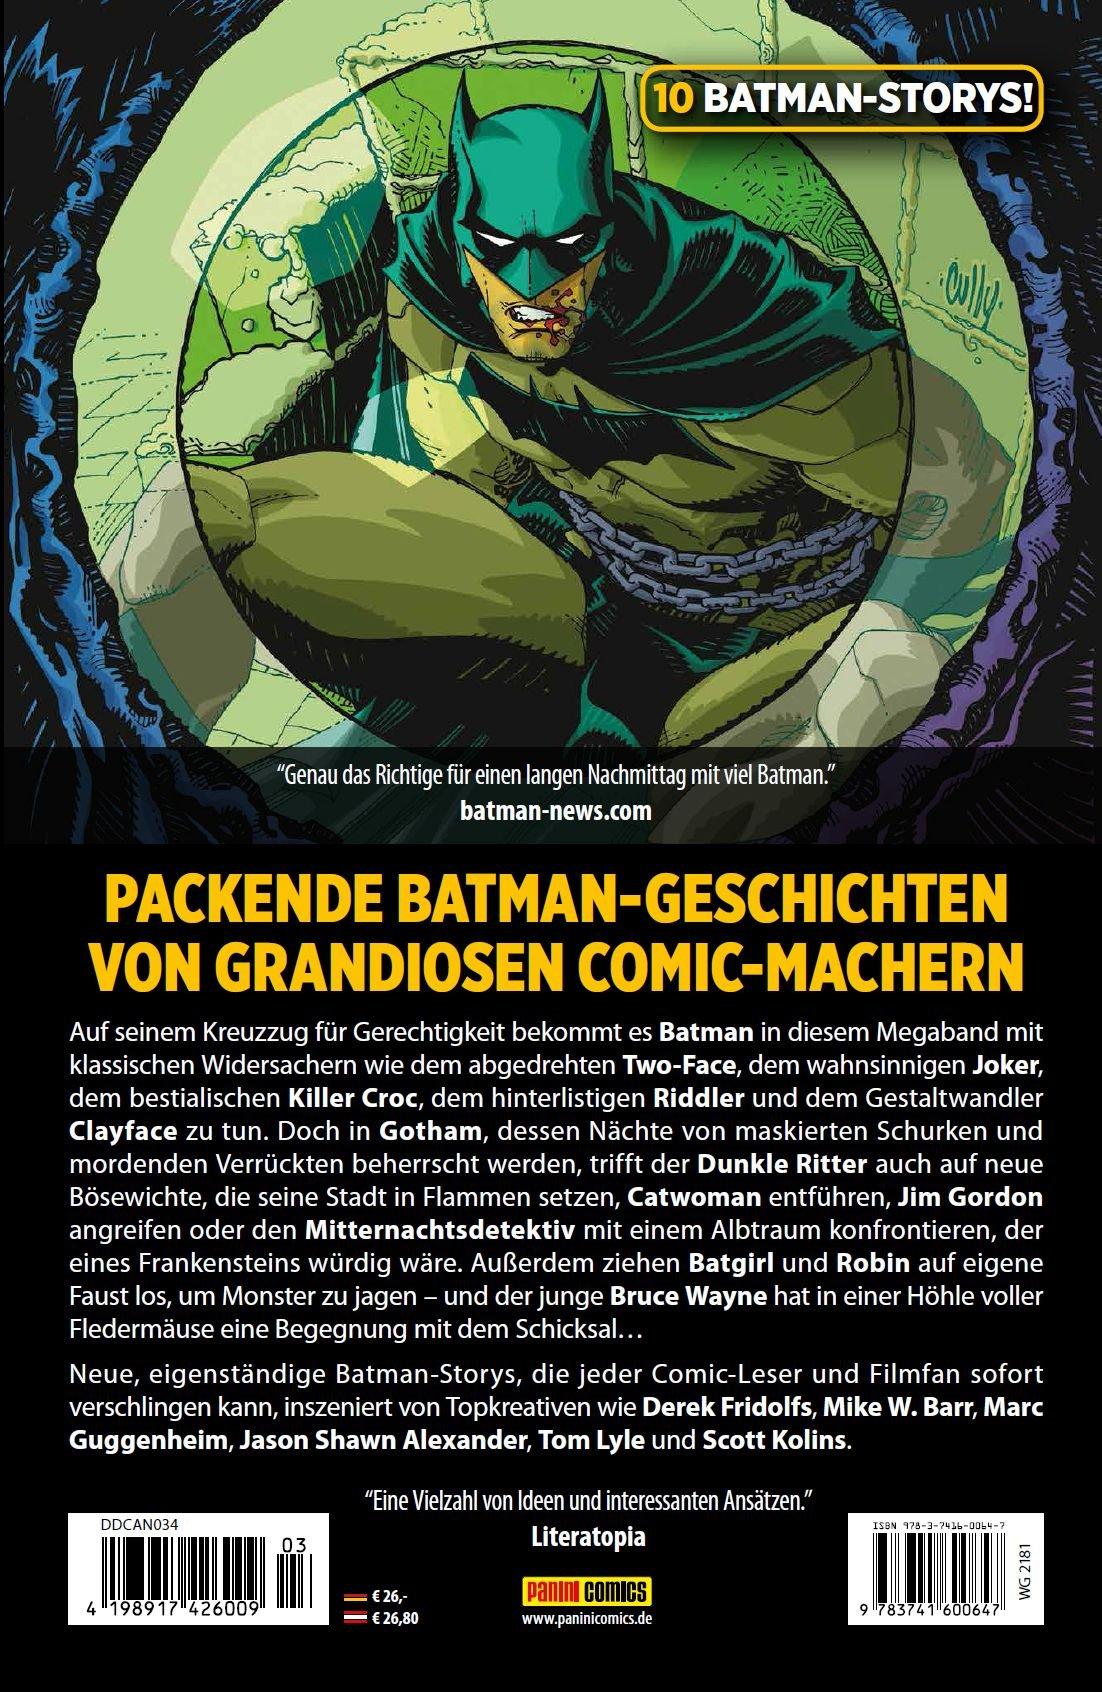 Großartig Batman Farbseite Ideen - Malvorlagen Ideen - blogsbr.info